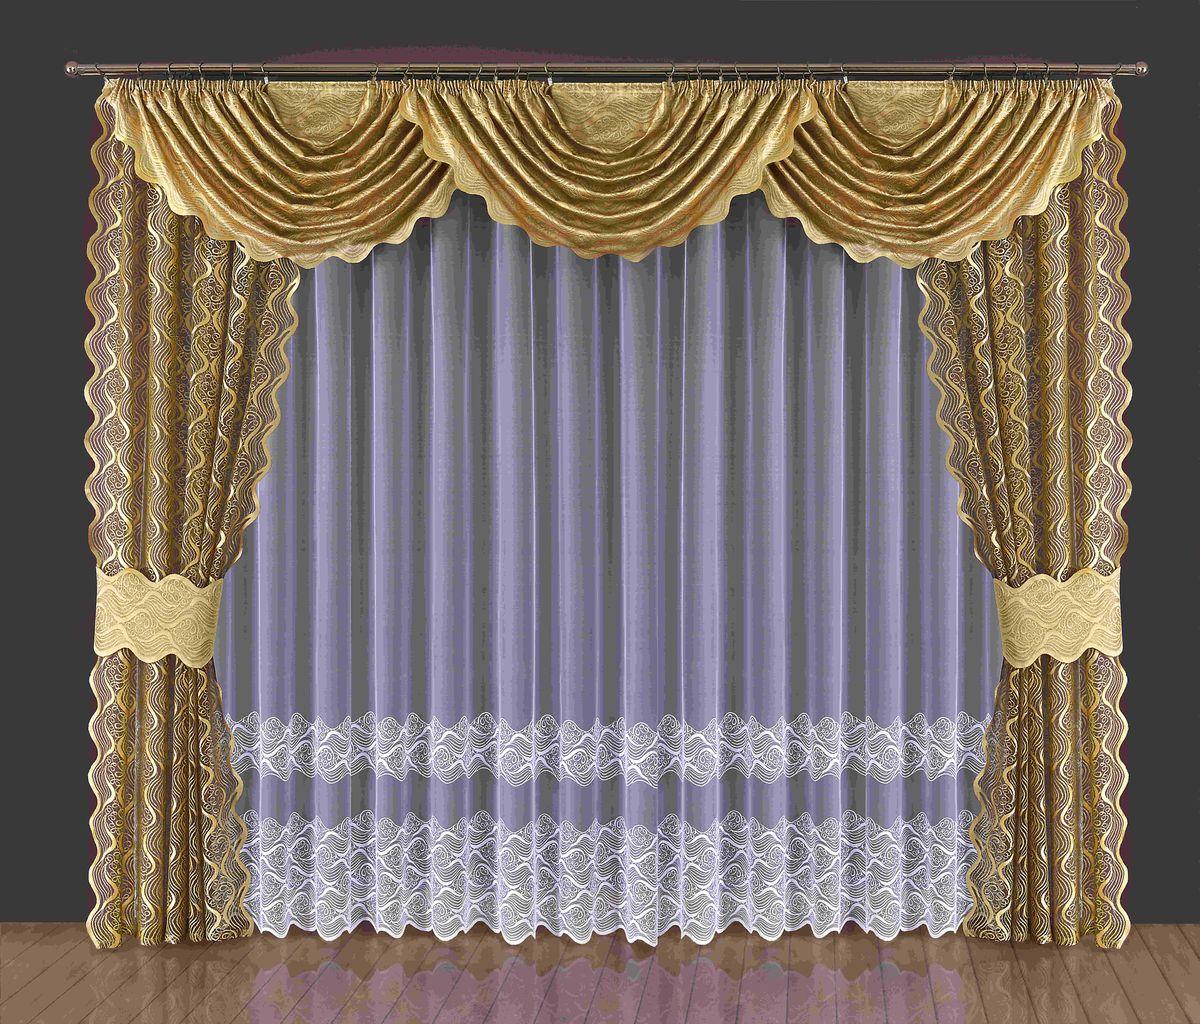 Комплект штор Wisan Domna, на ленте, цвет: золотистый, белый, высота 250 см197WКомплект штор Wisan Domna выполненный из полиэстера, великолепно украсит любое окно. Комплект состоит из 2 штор, тюля, 3 ламбрекенов и 2 подхватов. Кружевной узор придает комплекту особый стиль и шарм. Тонкое жаккардовое плетение, нежная цветовая гамма и роскошное исполнение - все это делает шторы Wisan Domna замечательным дополнением интерьера помещения. Все предметы комплекта оснащены шторной лентой для красивой драпировки. В комплект входит: Штора - 2 шт. Размер (ШхВ): 145 см х 250 см. Тюль - 1 шт. Размер (ШхВ): 400 см х 250 см. Ламбрекен - 3 шт. Размер (ШхВ): 190 см х 150 см. Подхват - 2 шт. Фирма Wisan на польском рынке существует уже более пятидесяти лет и является одной из лучших польских фабрик по производству штор и тканей. Ассортимент фирмы представлен готовыми комплектами штор для гостиной, детской, кухни, а также текстилем для кухни (скатерти, салфетки, дорожки, кухонные занавески). Модельный ряд отличает...